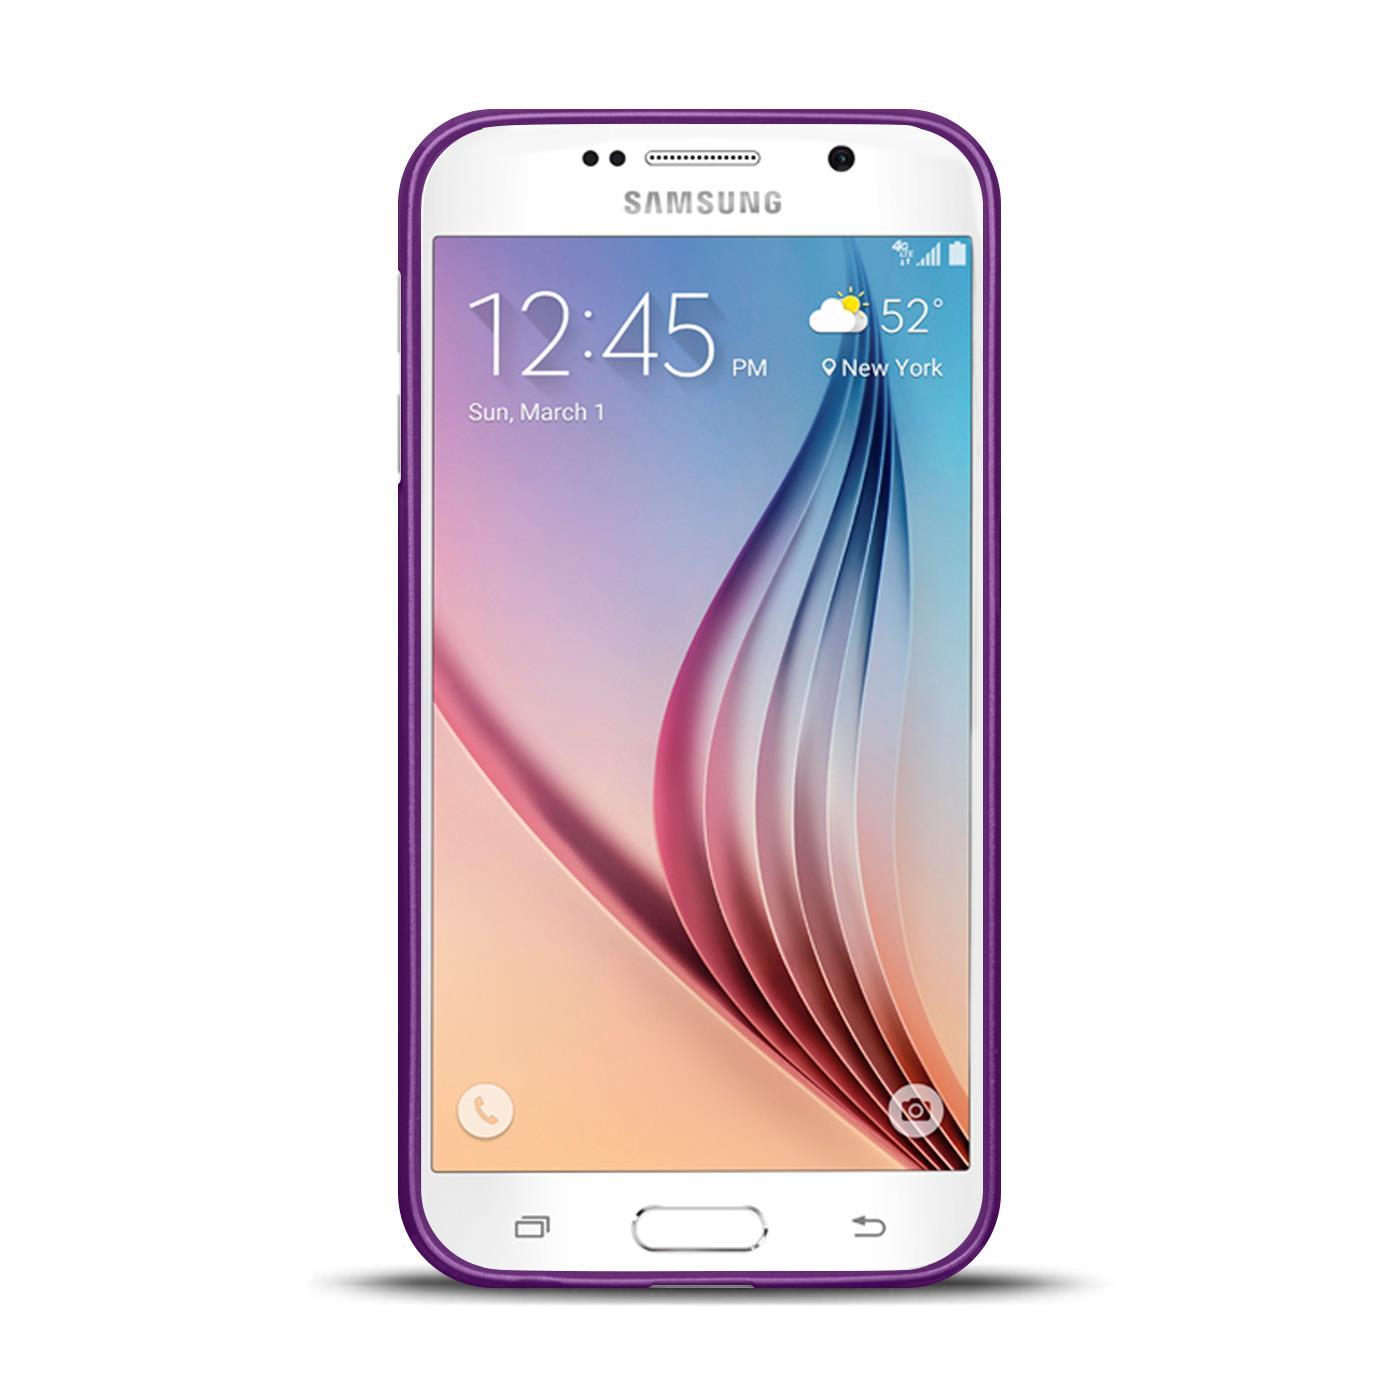 Silikon-Bumper-Case-fuer-Samsung-Galaxy-s6-duenne-ultra-slim-Stossfeste-Rueckschale Indexbild 27